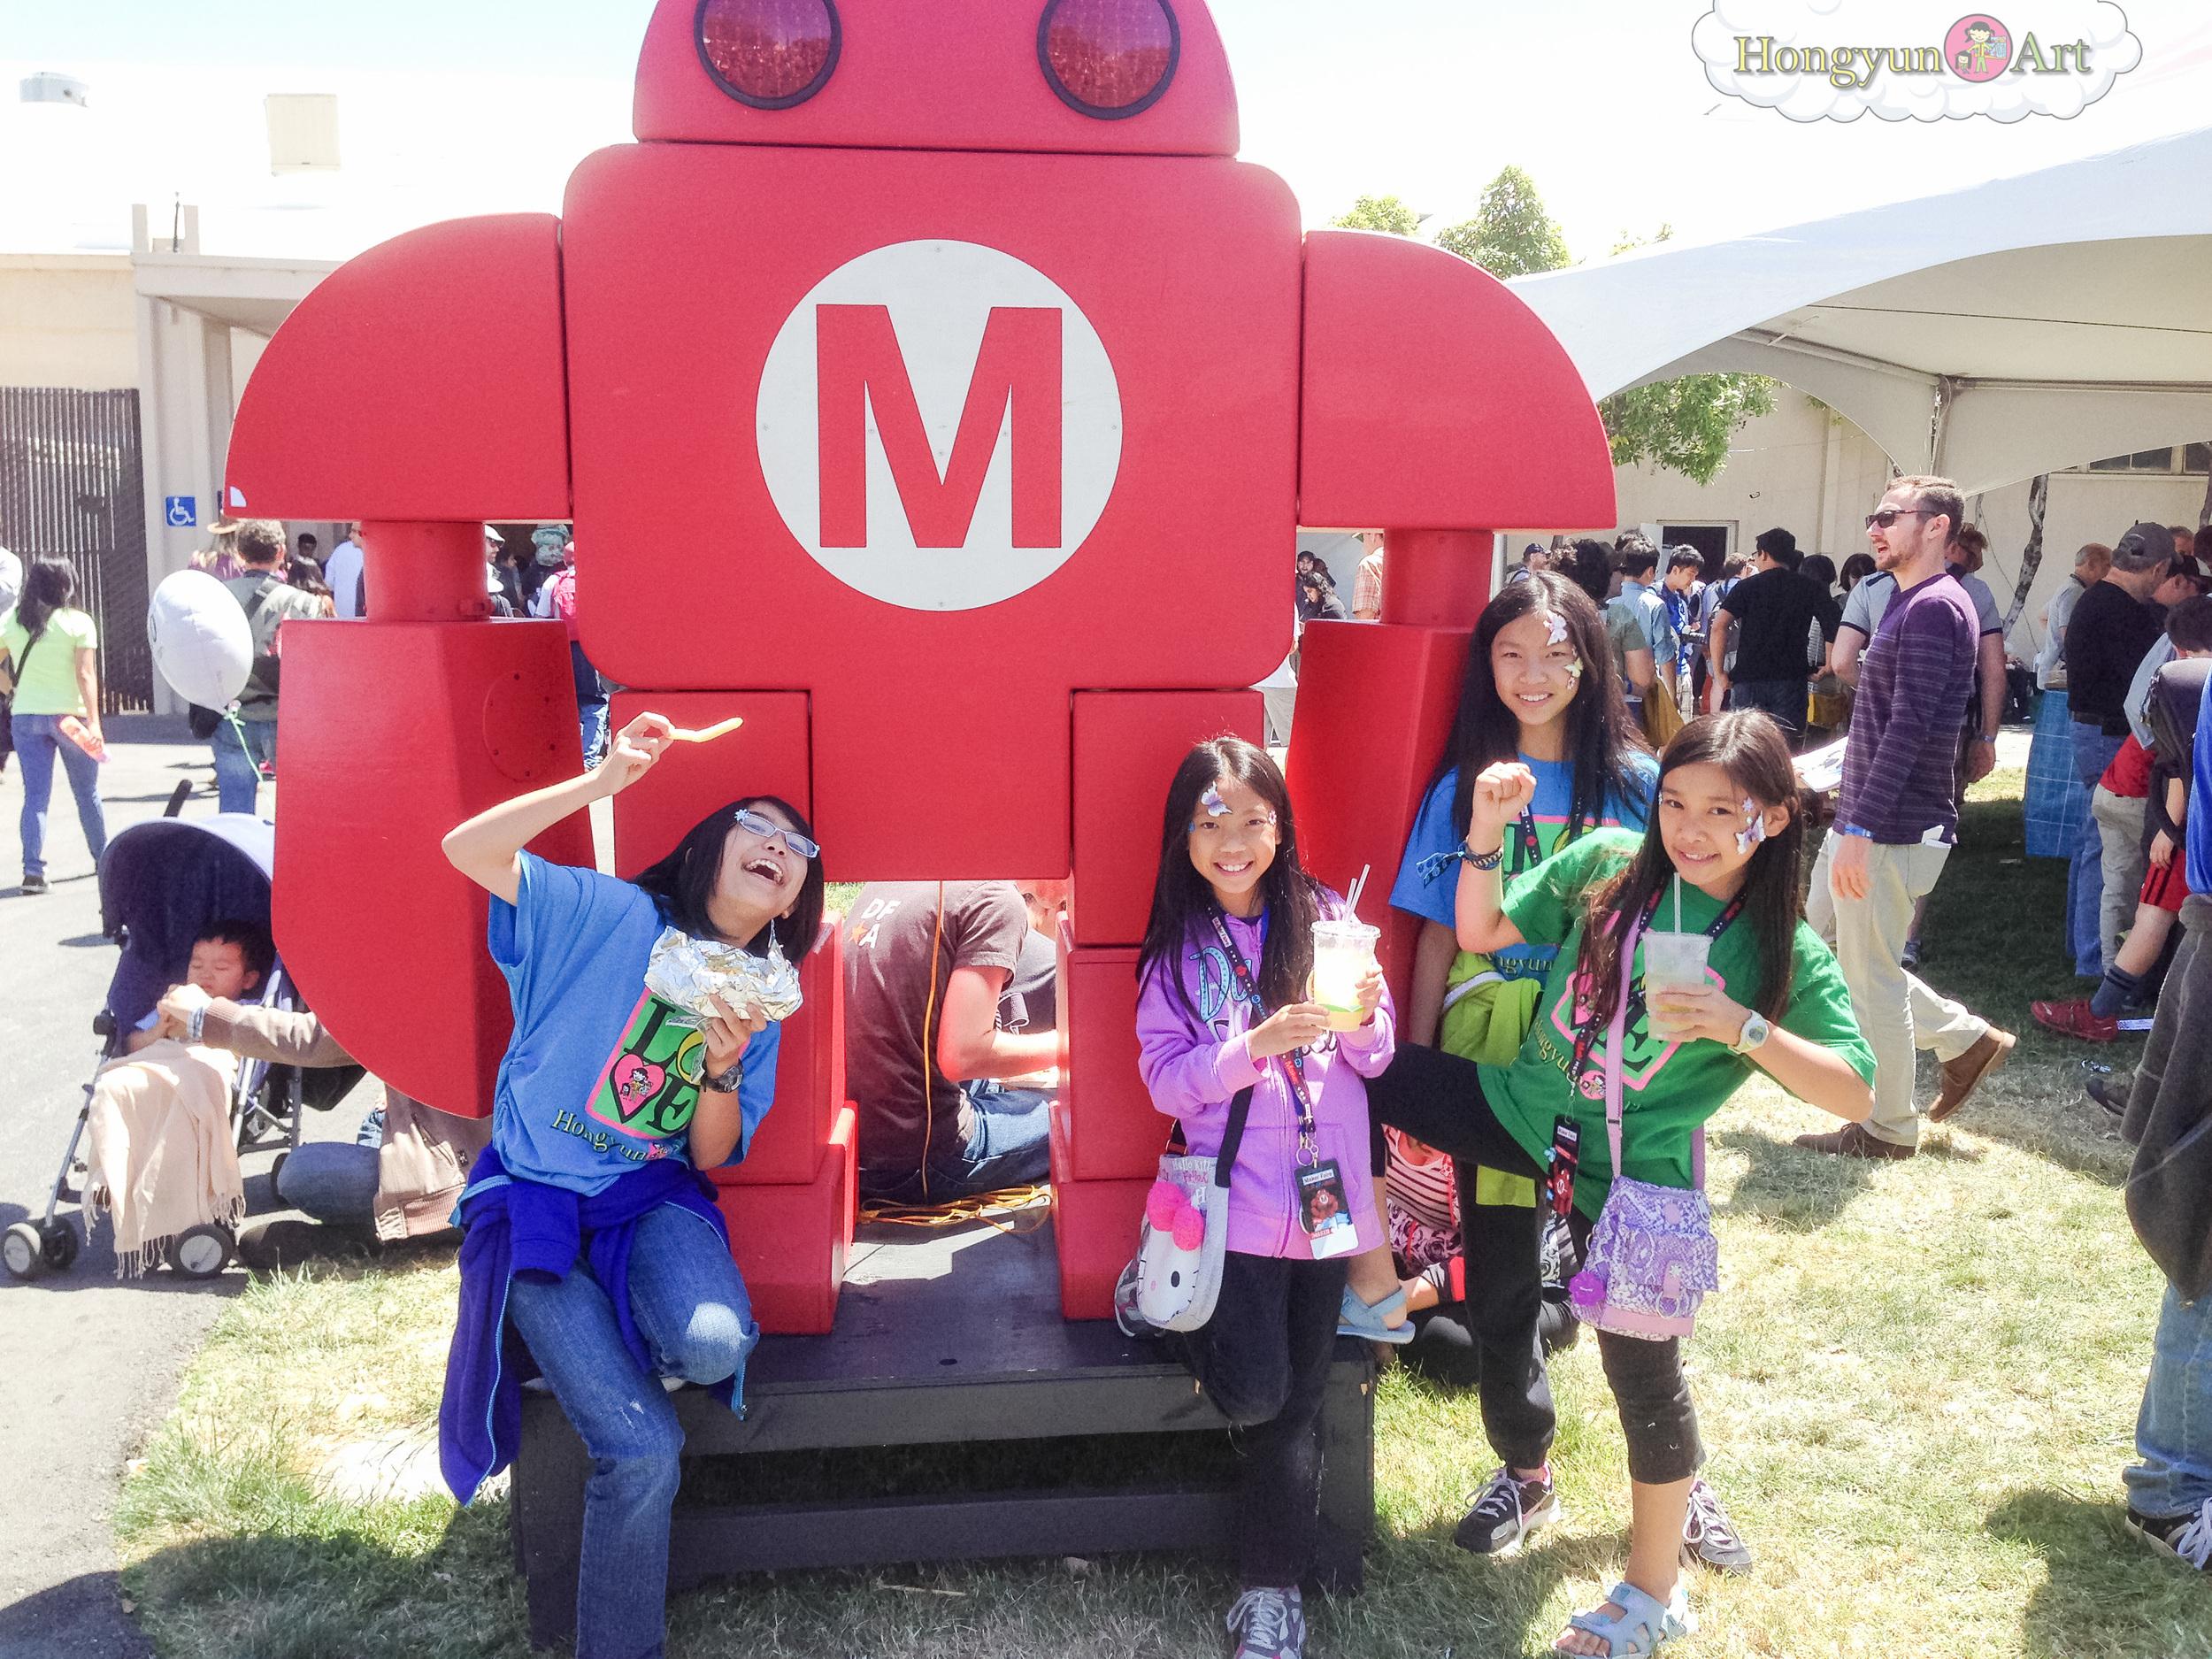 2014-05-Hongyun-Art-MakerFaire-199.jpg